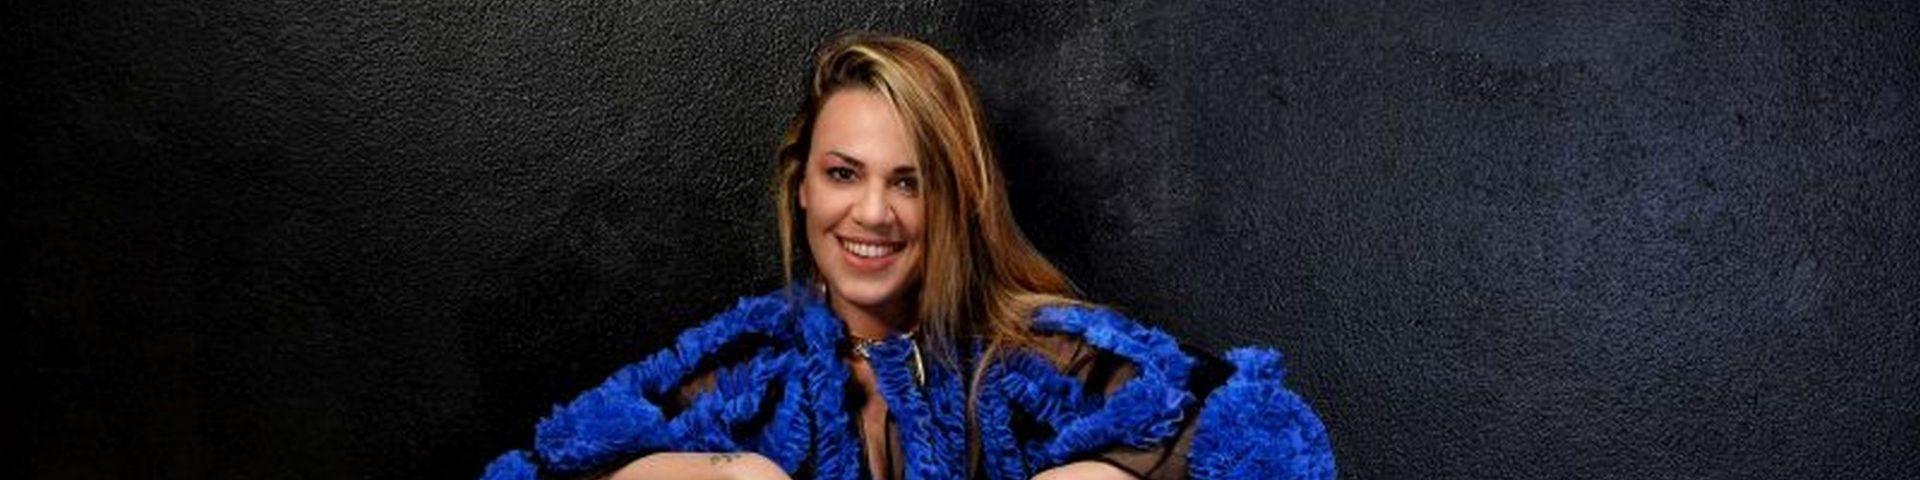 """Roberta Bonanno: da Amici a Tale e Quale Show? """"Bisogna sapersi rialzare"""" - Intervista"""